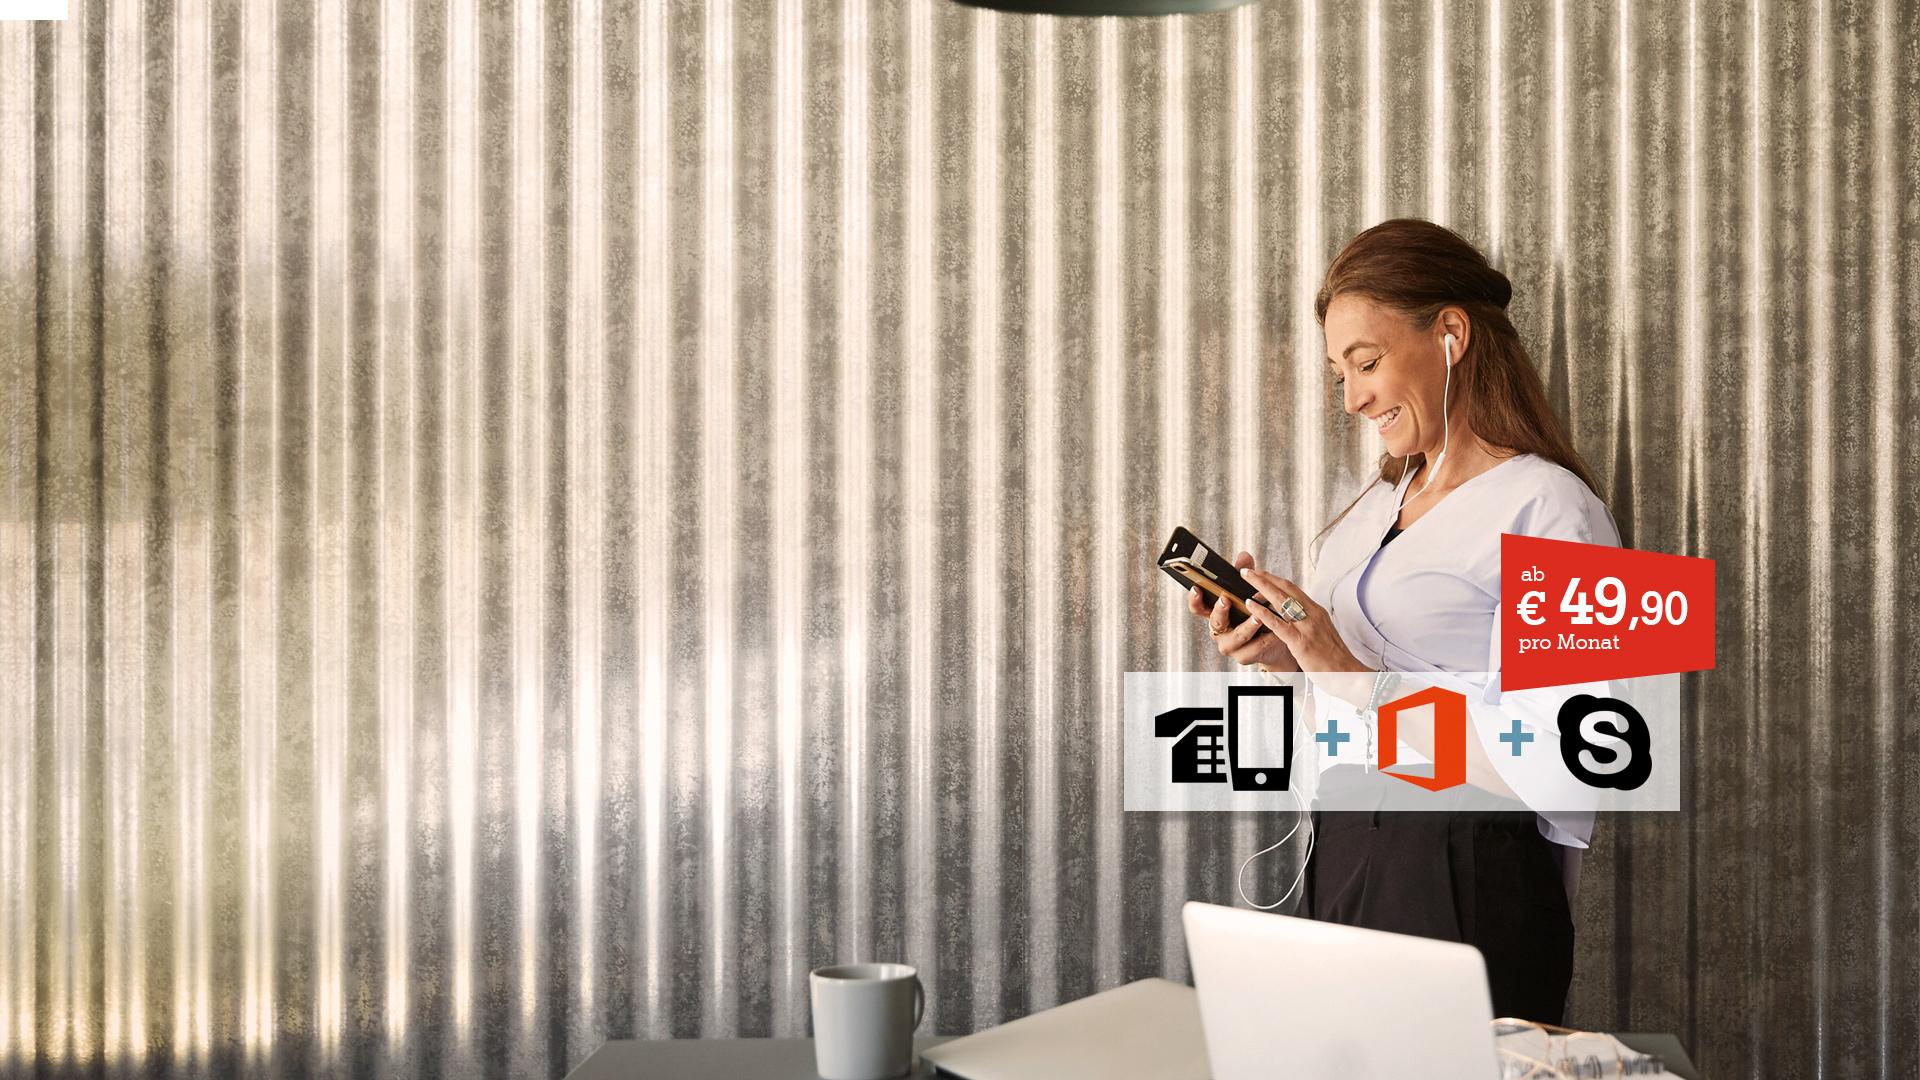 Frau mit Smartphone vor Wellblechwand